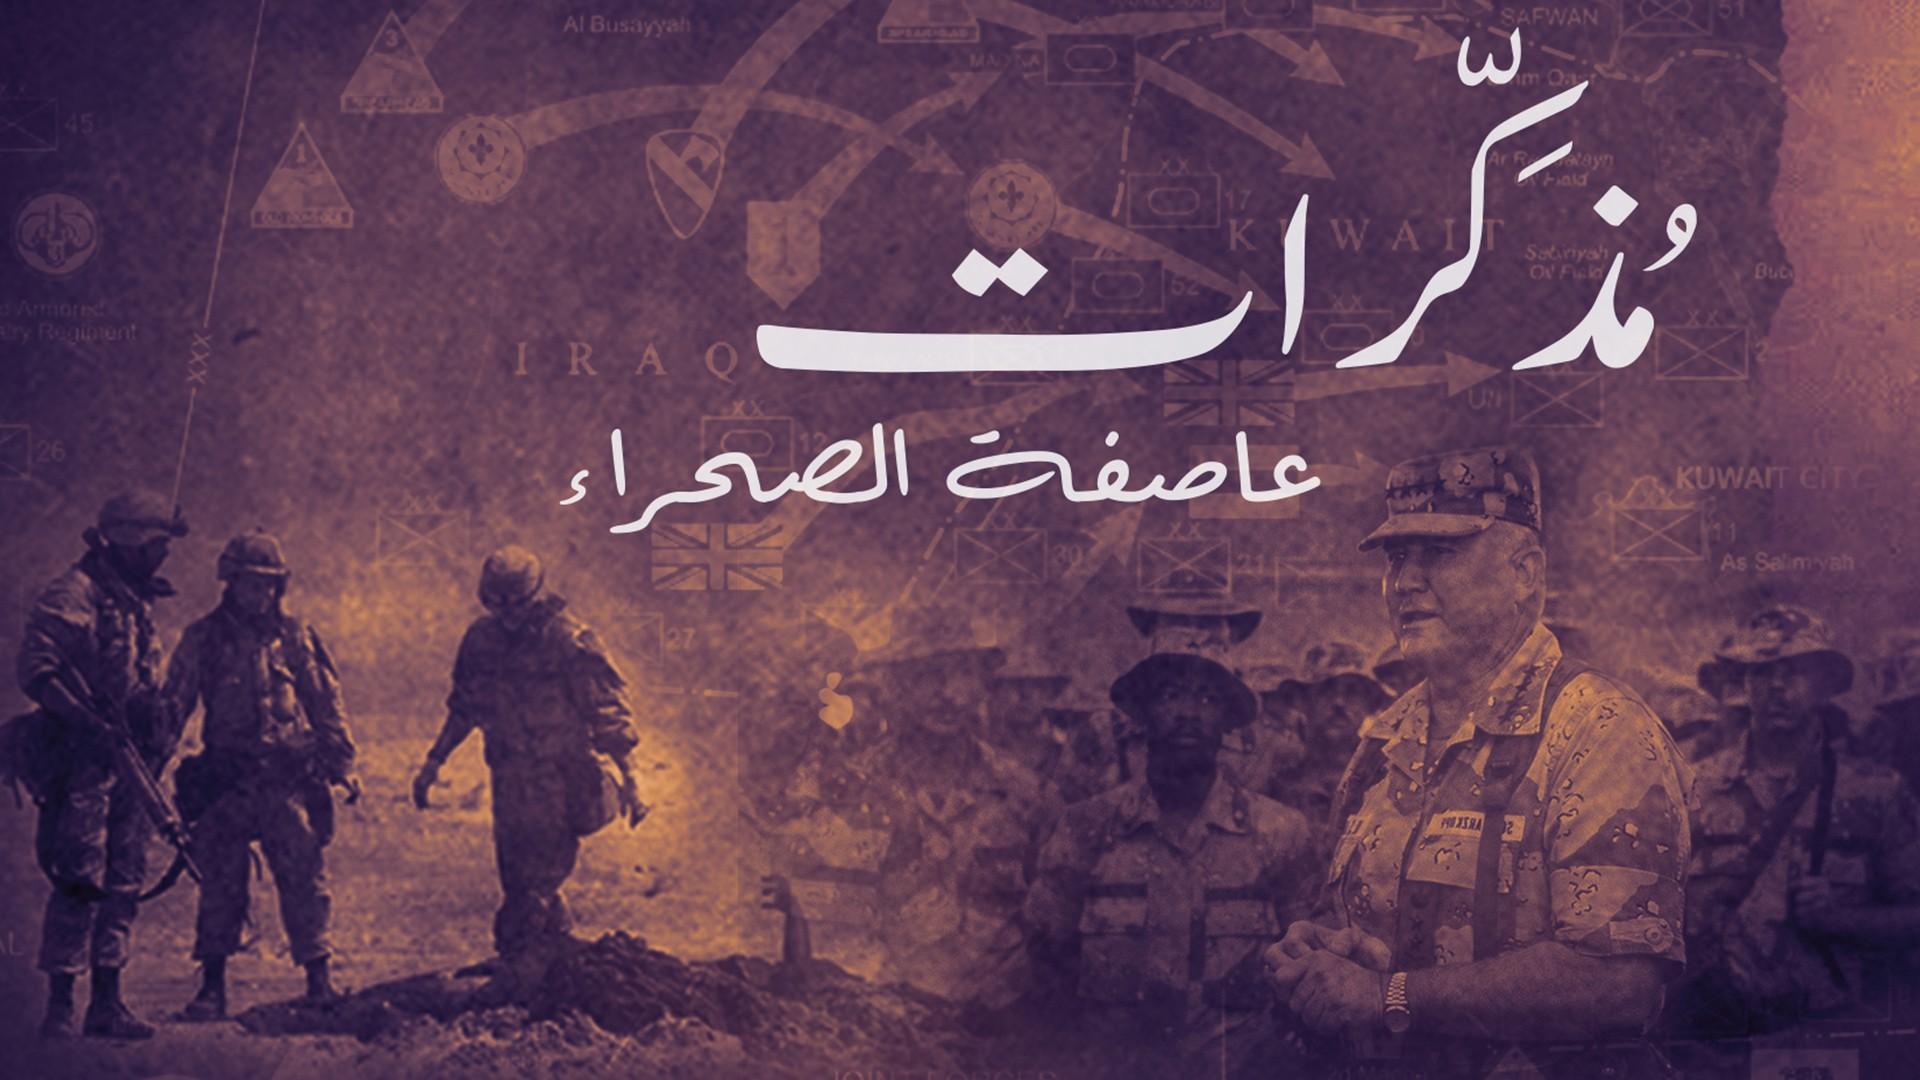 كواليس-التحضير-السعودي-الأميركي-لعاصفة-الصحراء--مذكرات-القائد-الأميركي-نورمان-شوارزكوف